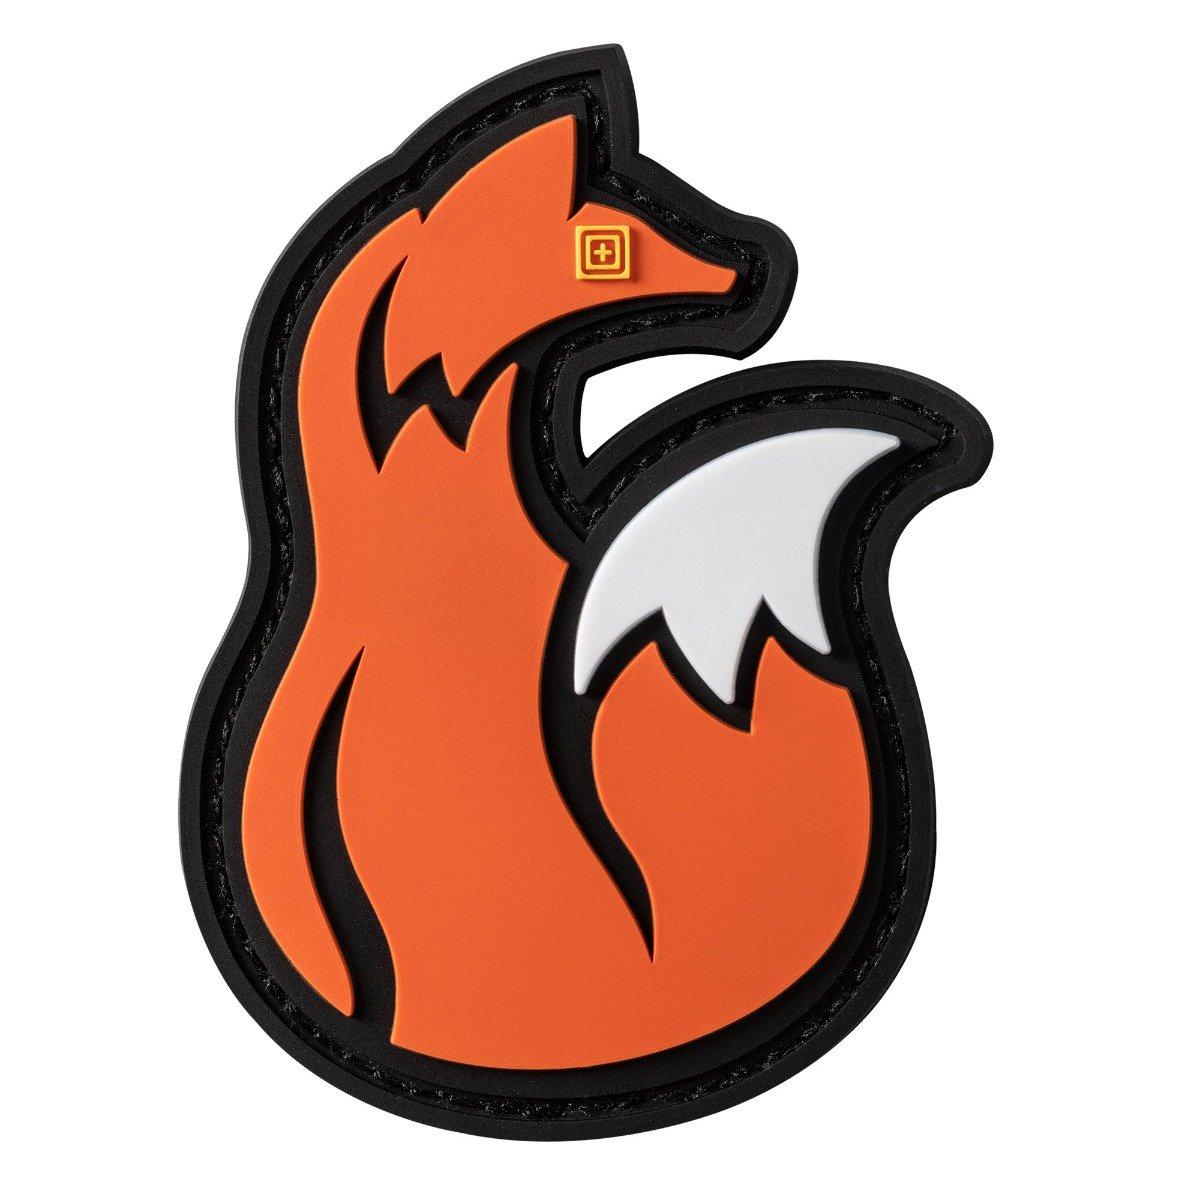 FOXY PATCH